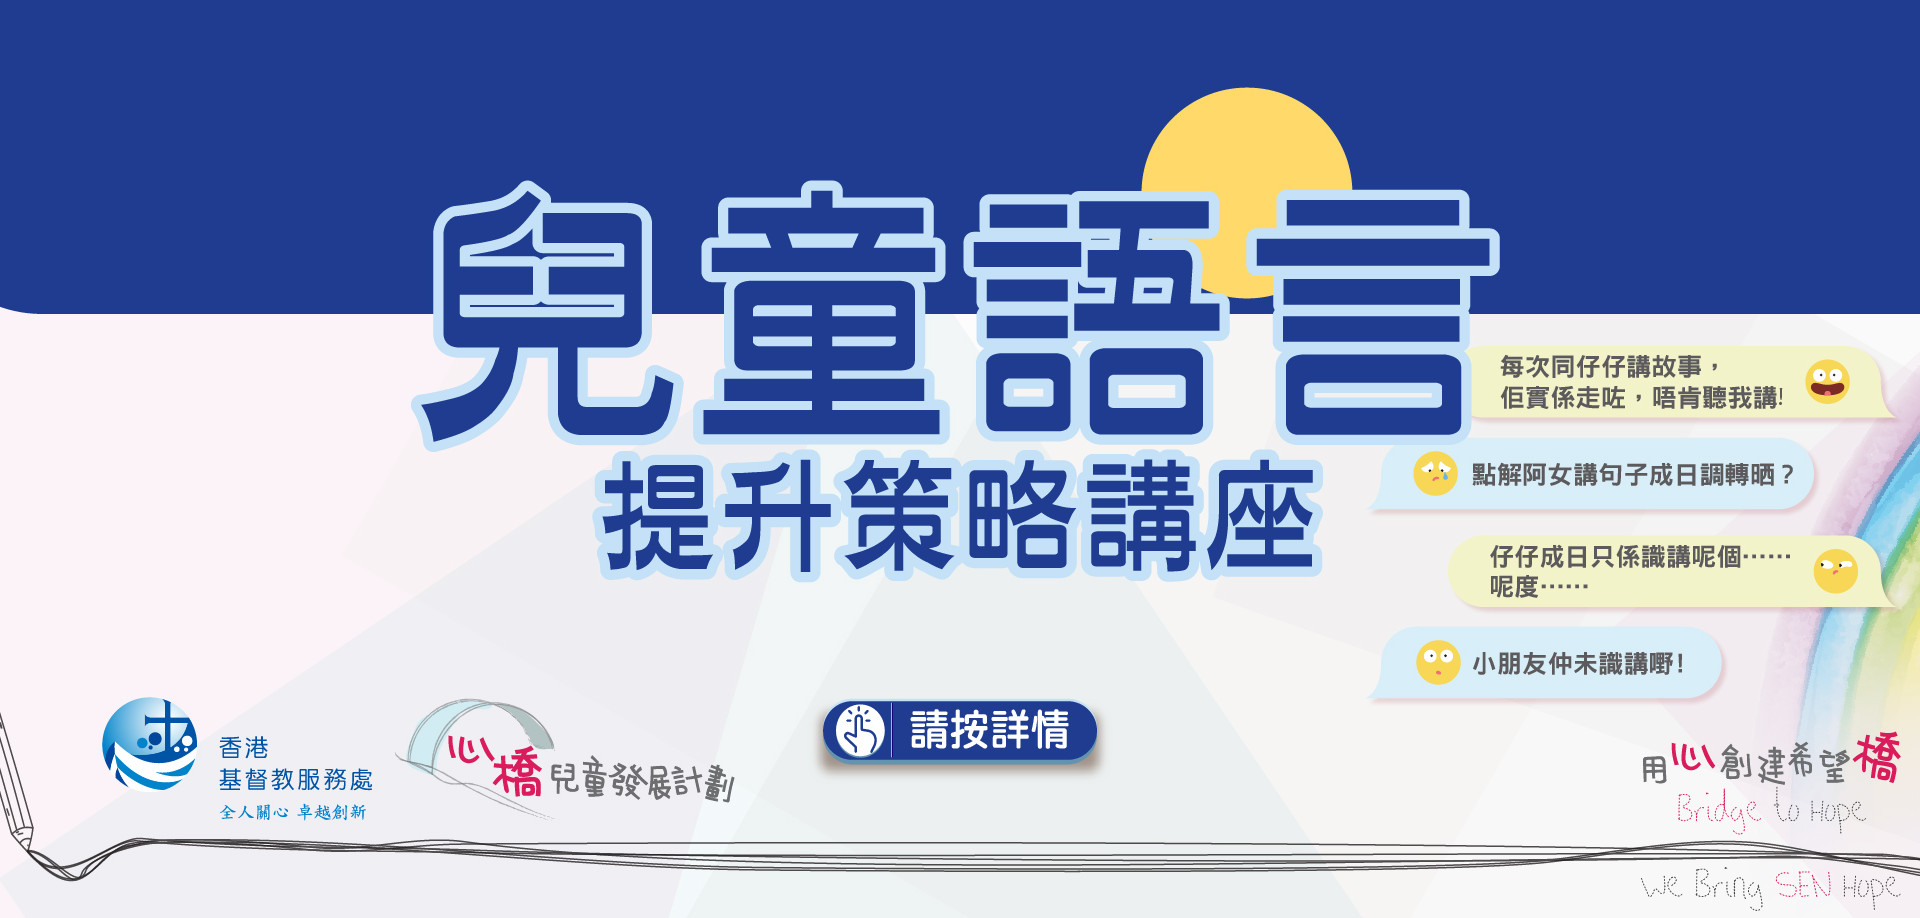 兒童語言提升策略講座_main_banner_v1-01.jpg